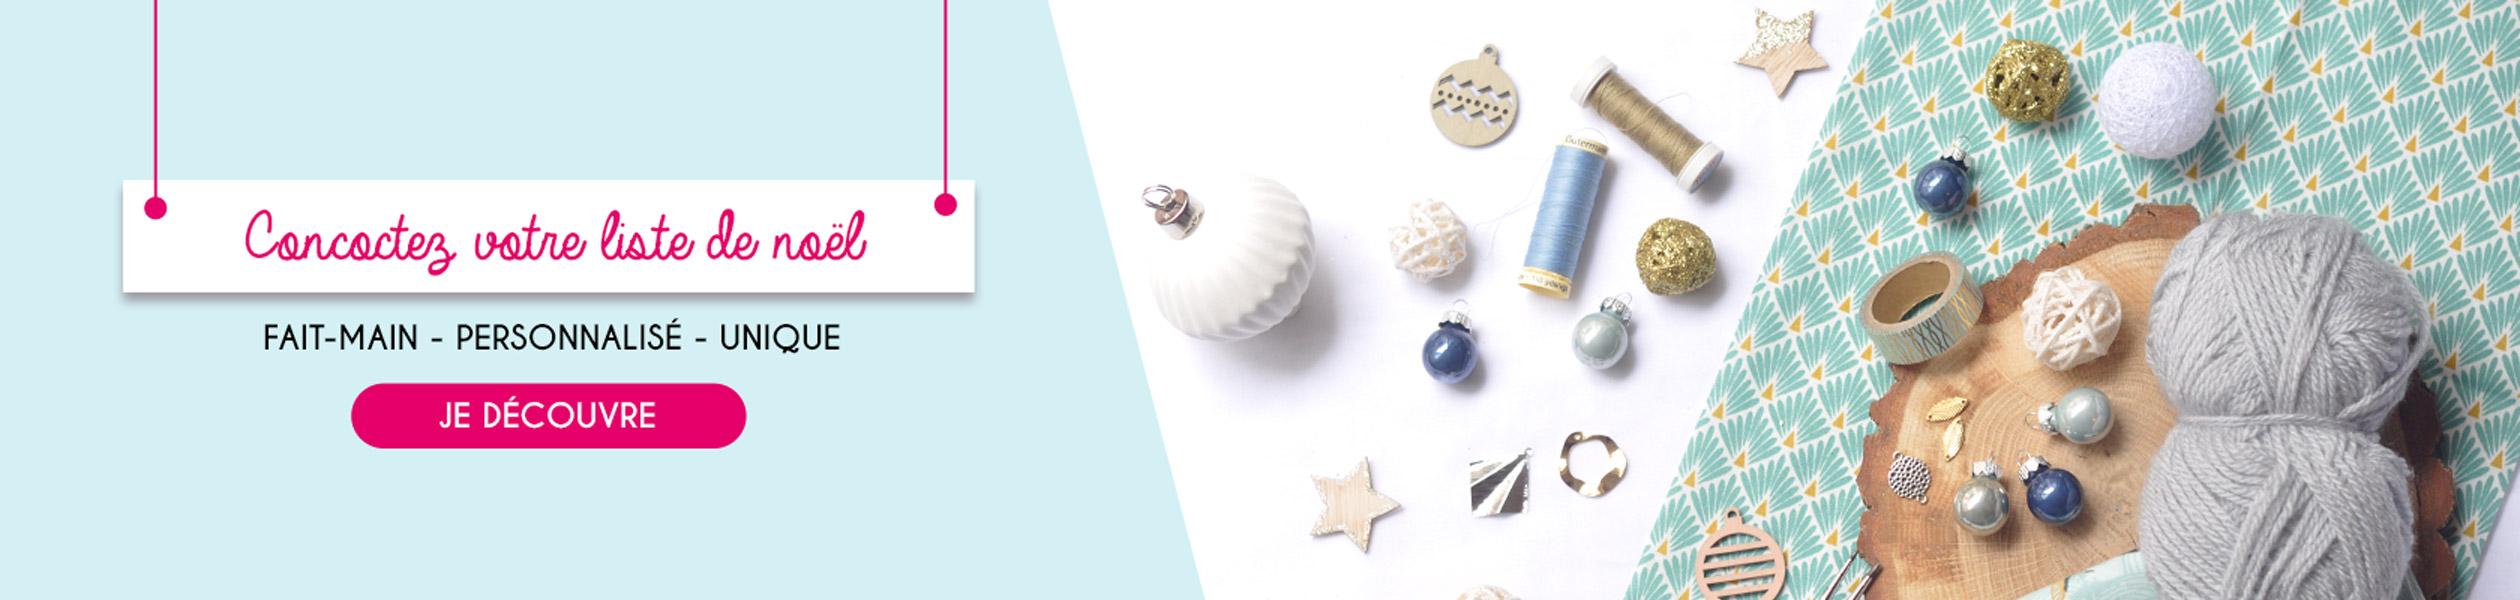 Bannière de Noël, liste idées cadeaux pour noël